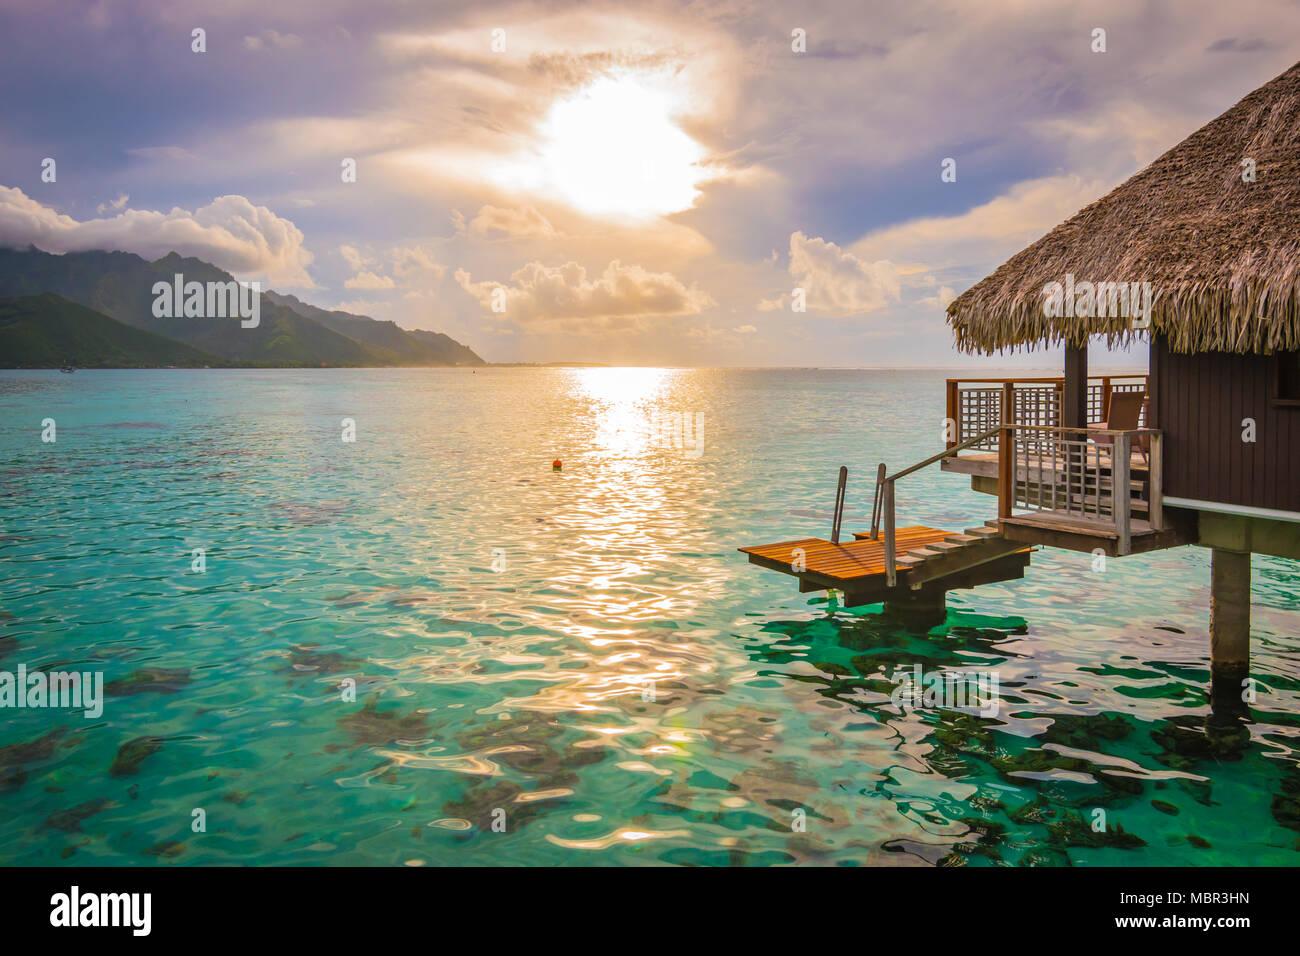 Soirée avec le coucher du soleil à Moorea. Bungalow sur pilotis sur le côté lagon à couper le souffle, Polynésie Française Photo Stock